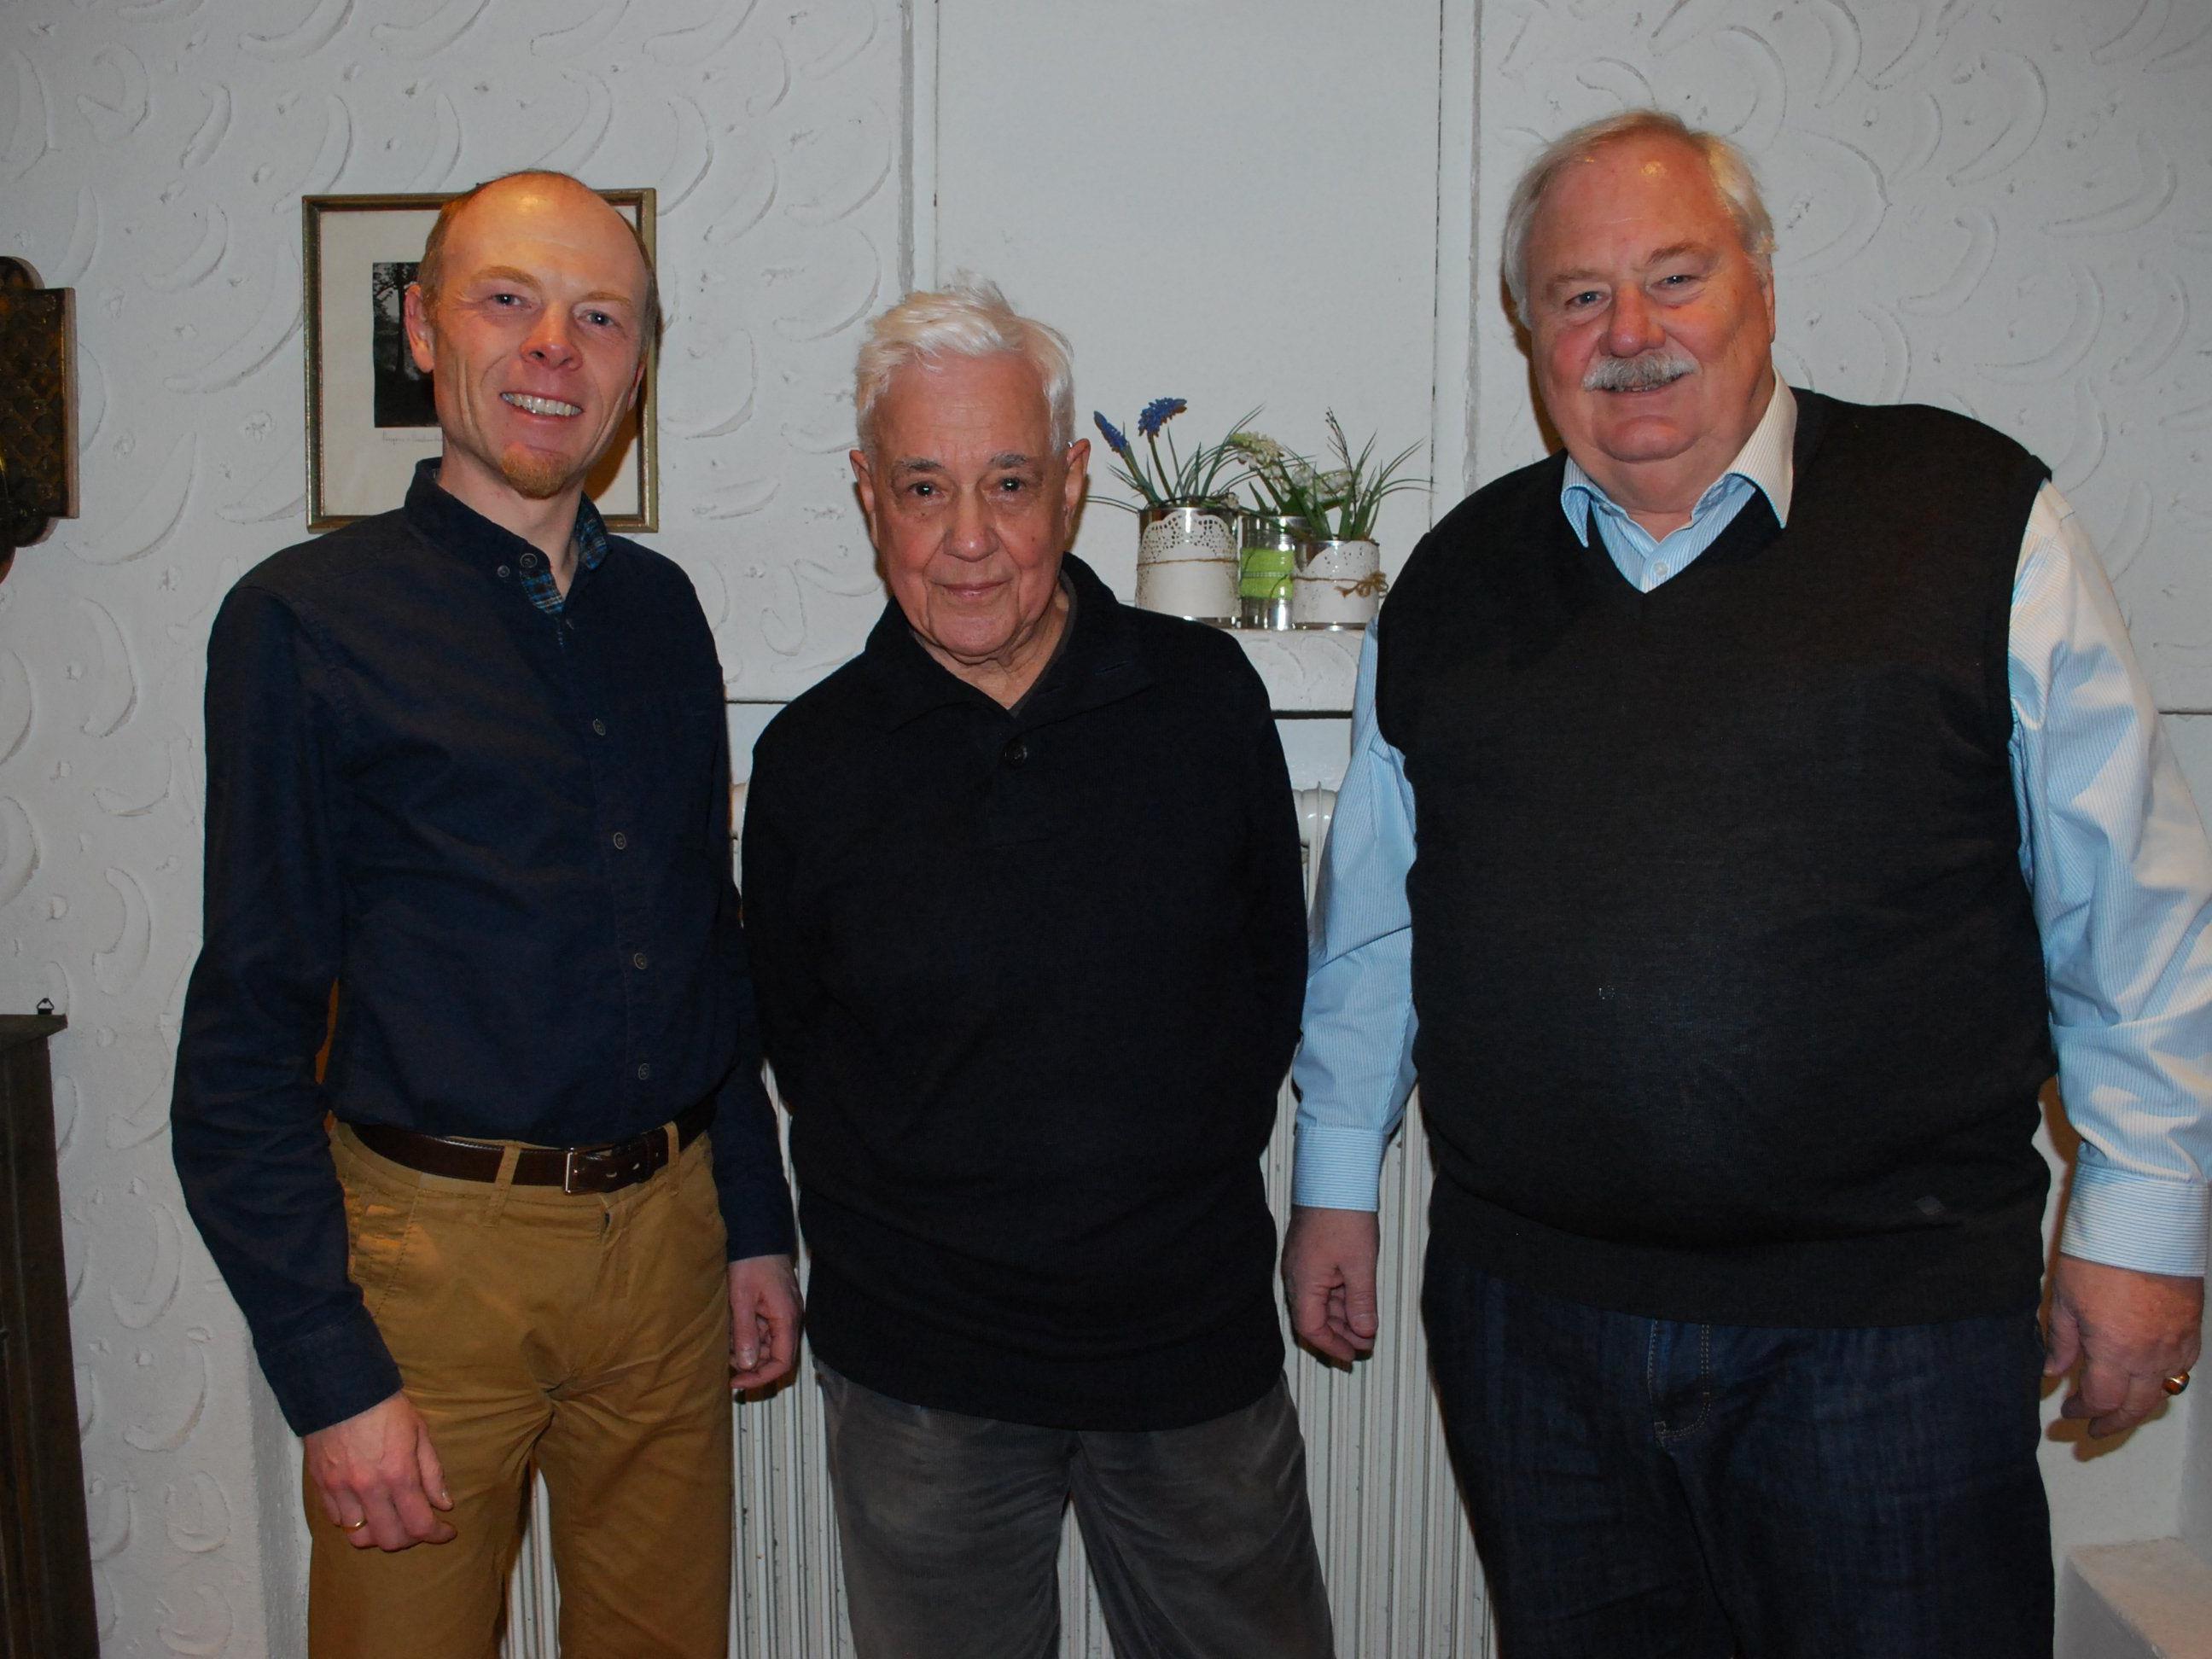 Referent Harald Rhomberg, Franz Josef Huber, Ulrich Rhomberg, Geschichtswerkstatt